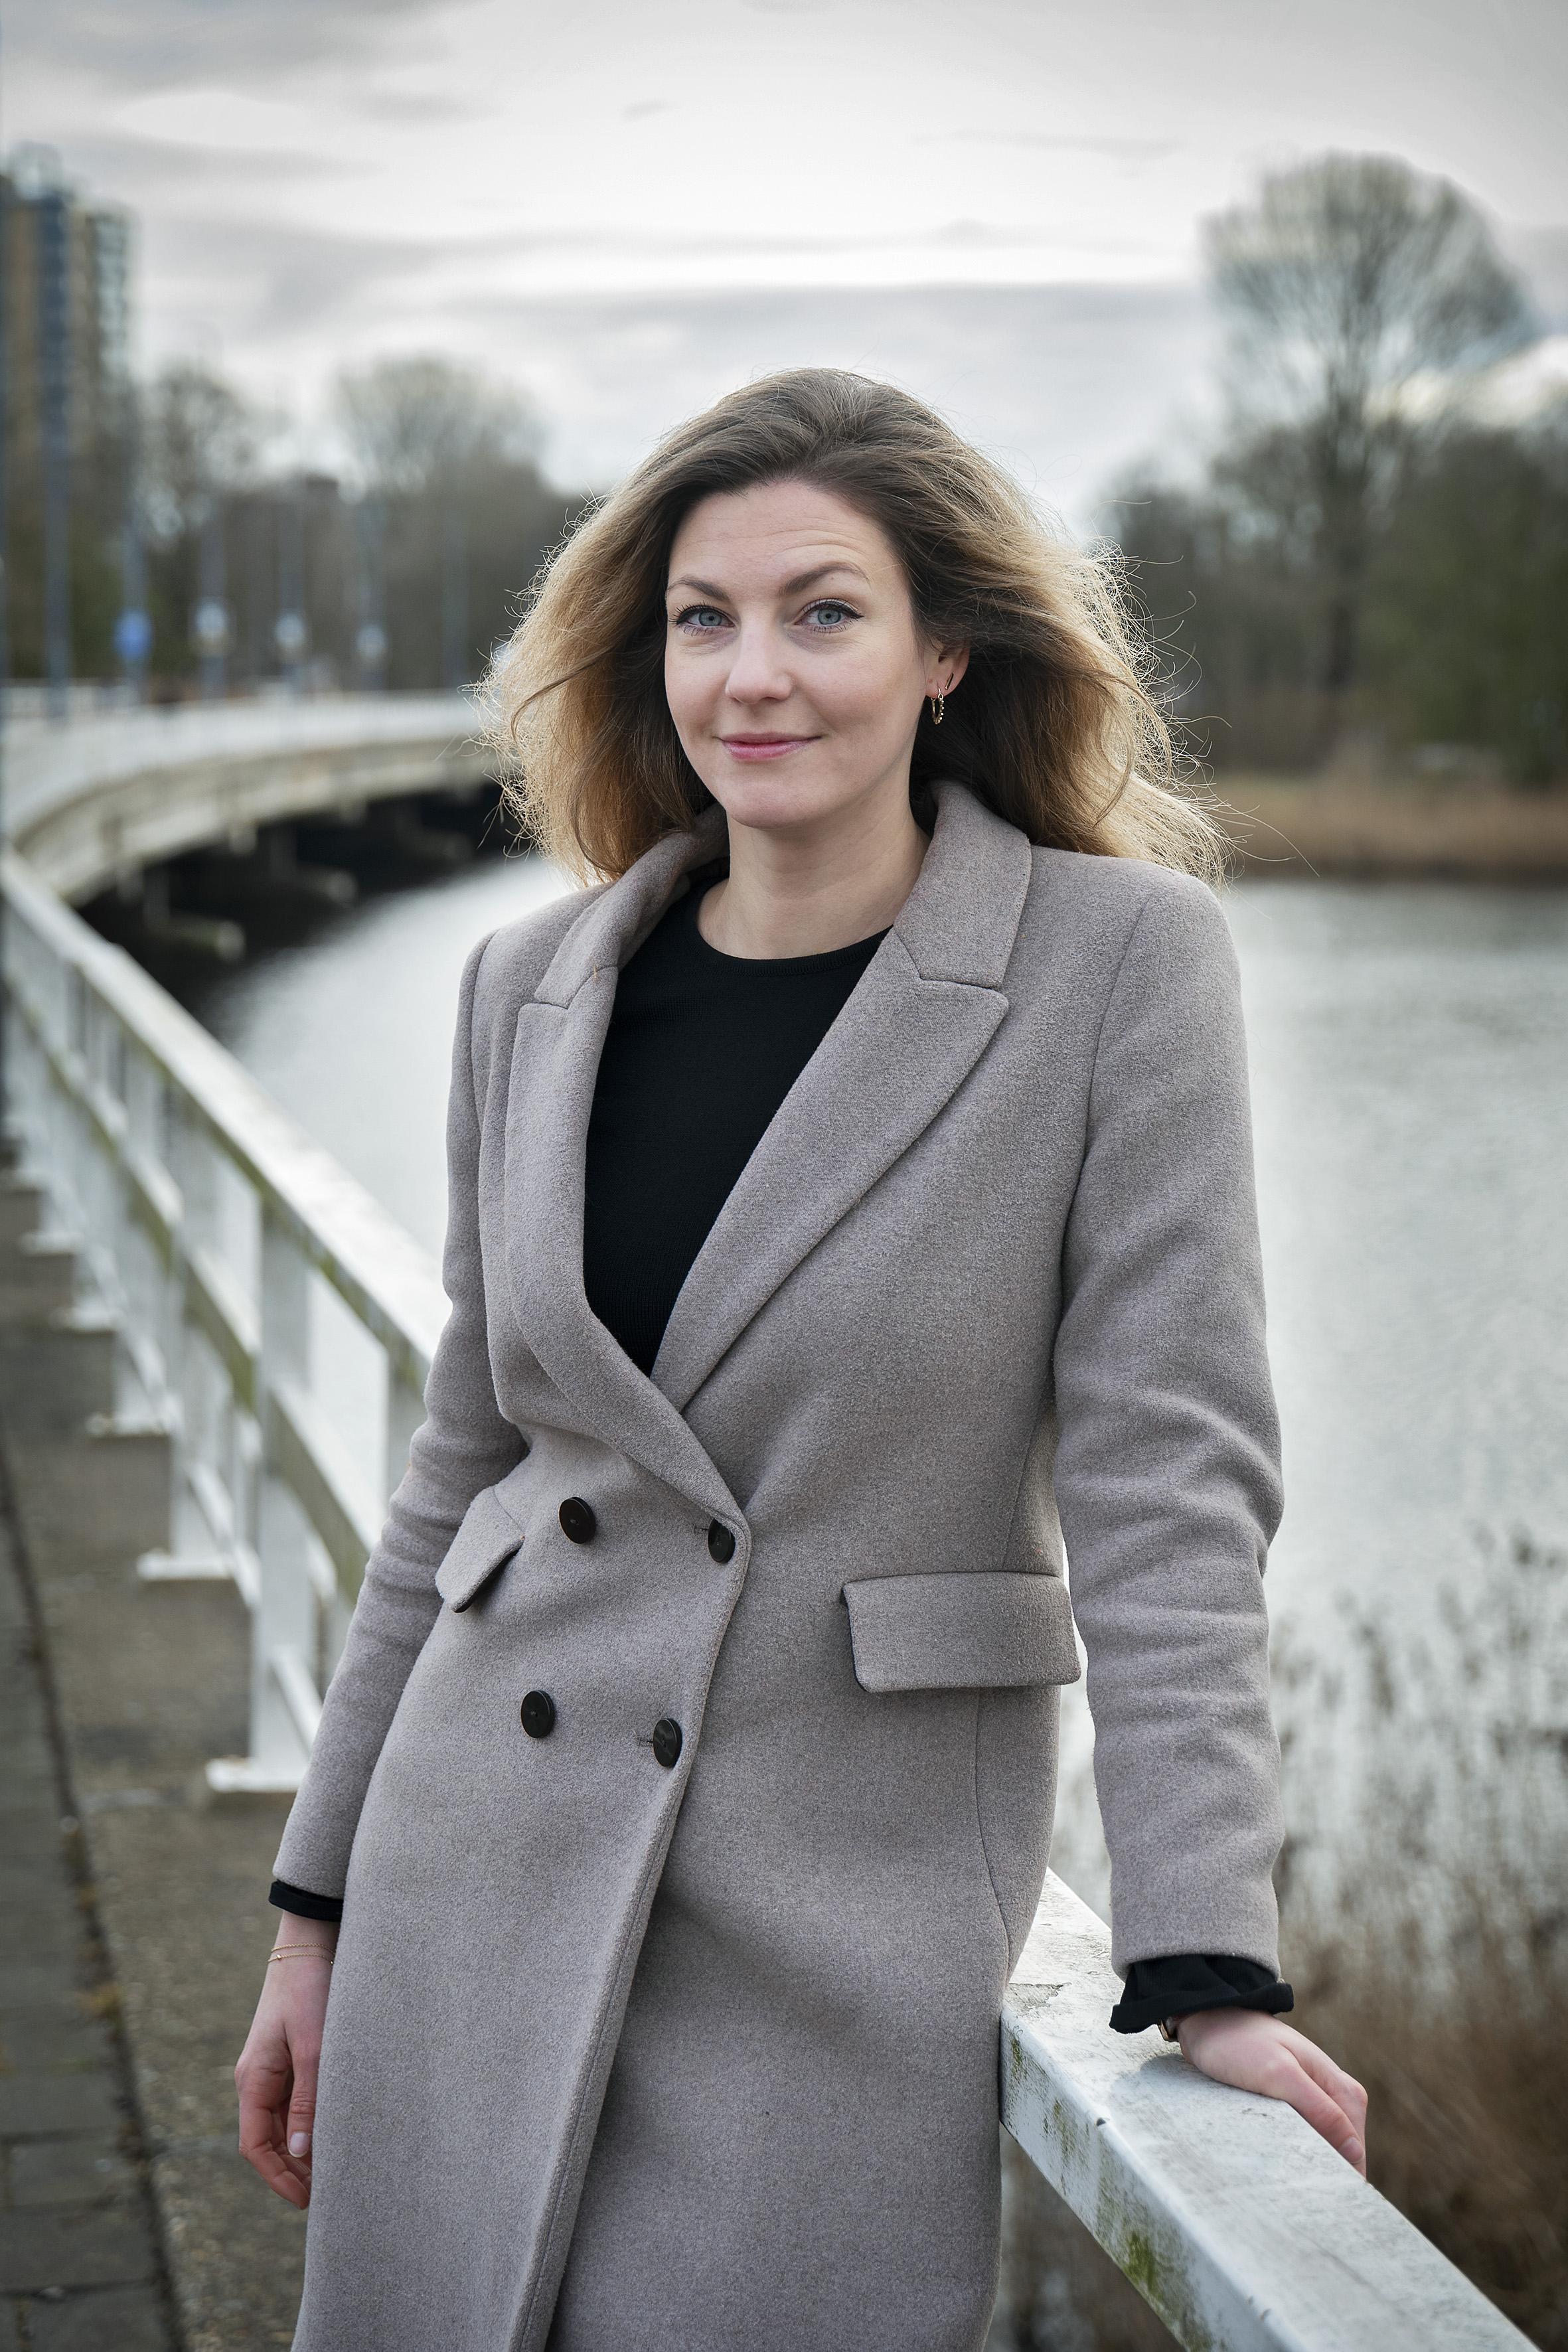 Lenna Vromans uit Heemstede is kandidaat voor de PvdA: 'Het maakt verschil uit waar je wieg staat. In Heemstede en Schalkwijk hebben kinderen geen gelijke kansen'